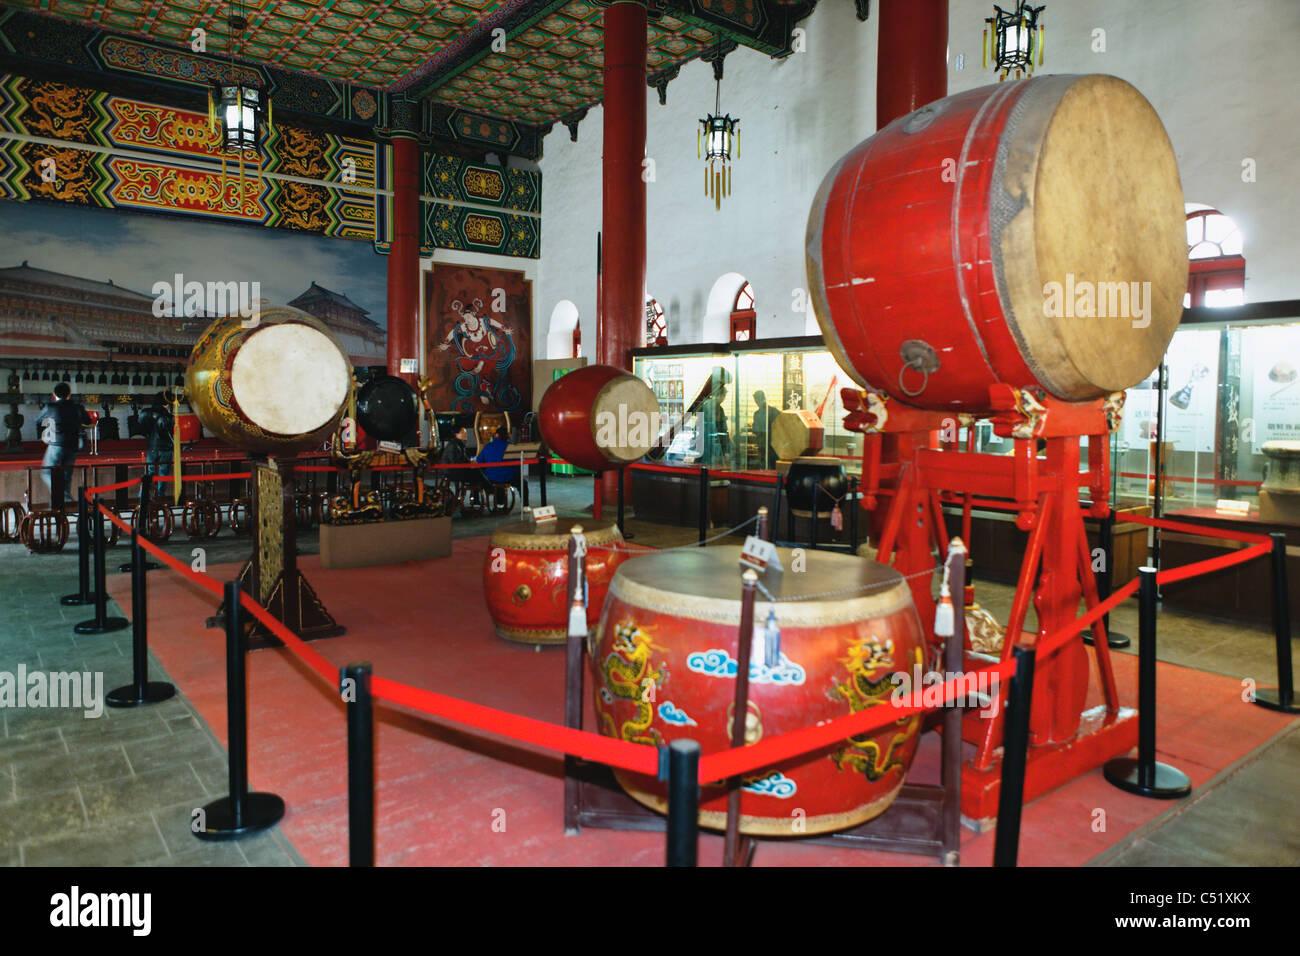 Interno della Torre del Tamburo con il tamburo presentano, Citta' di Xian, Shaanxi, Cina Foto Stock